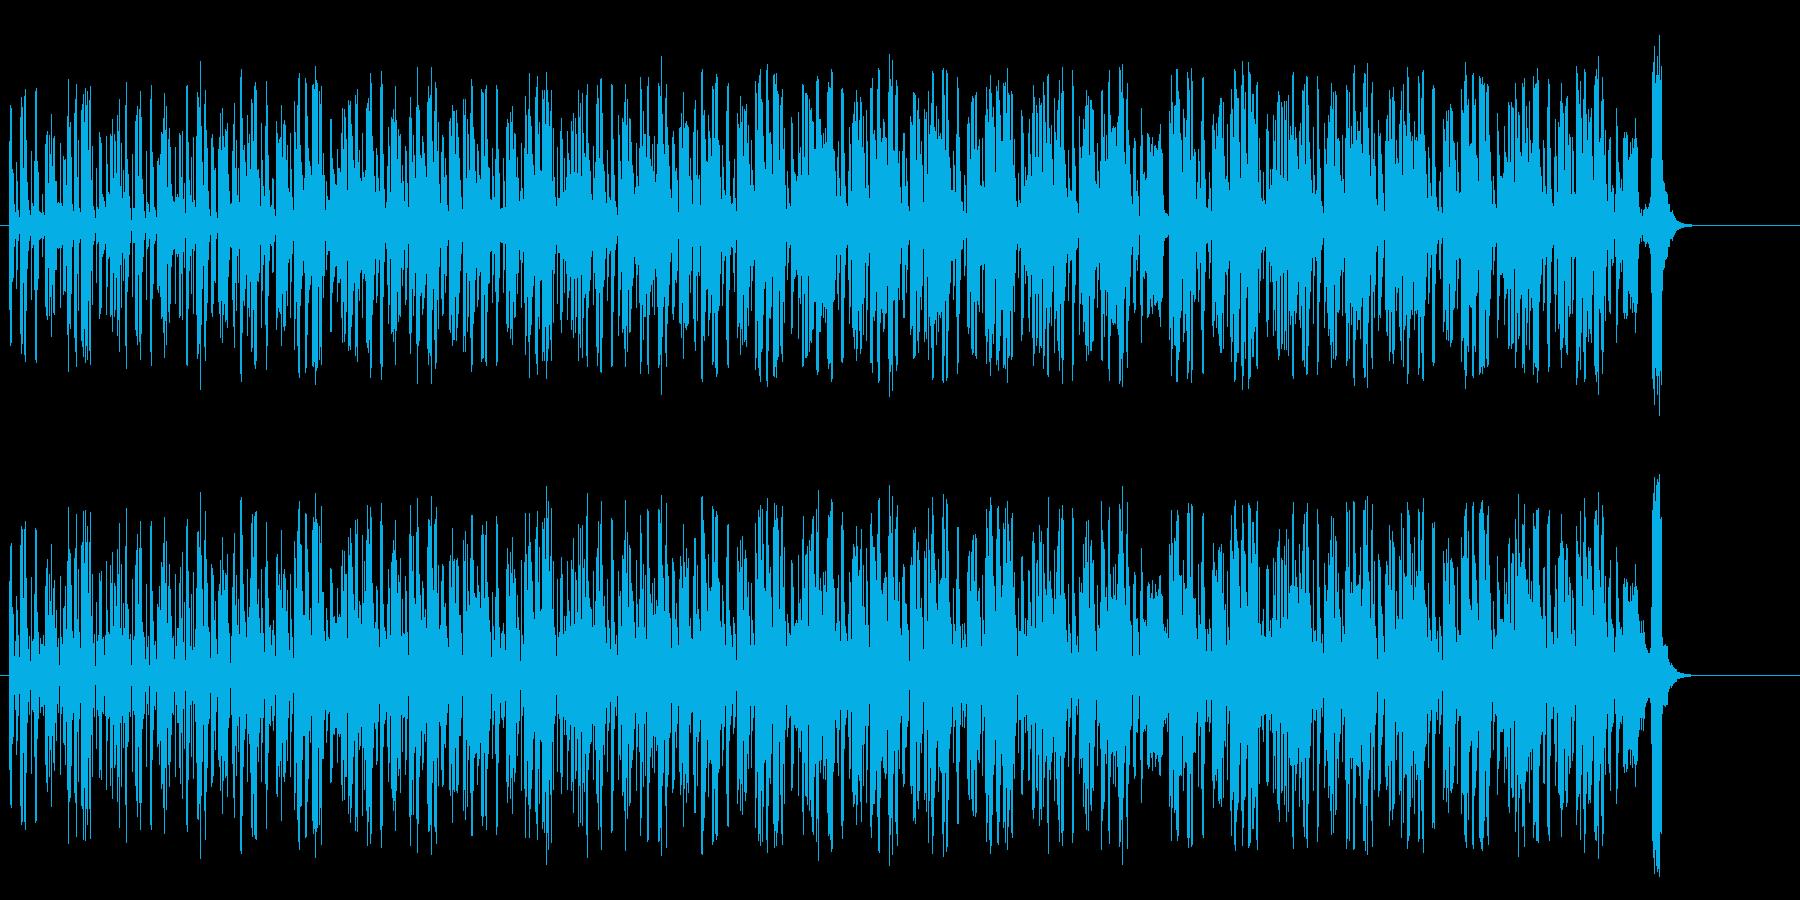 ビートの効いたテクノ/ポップの再生済みの波形